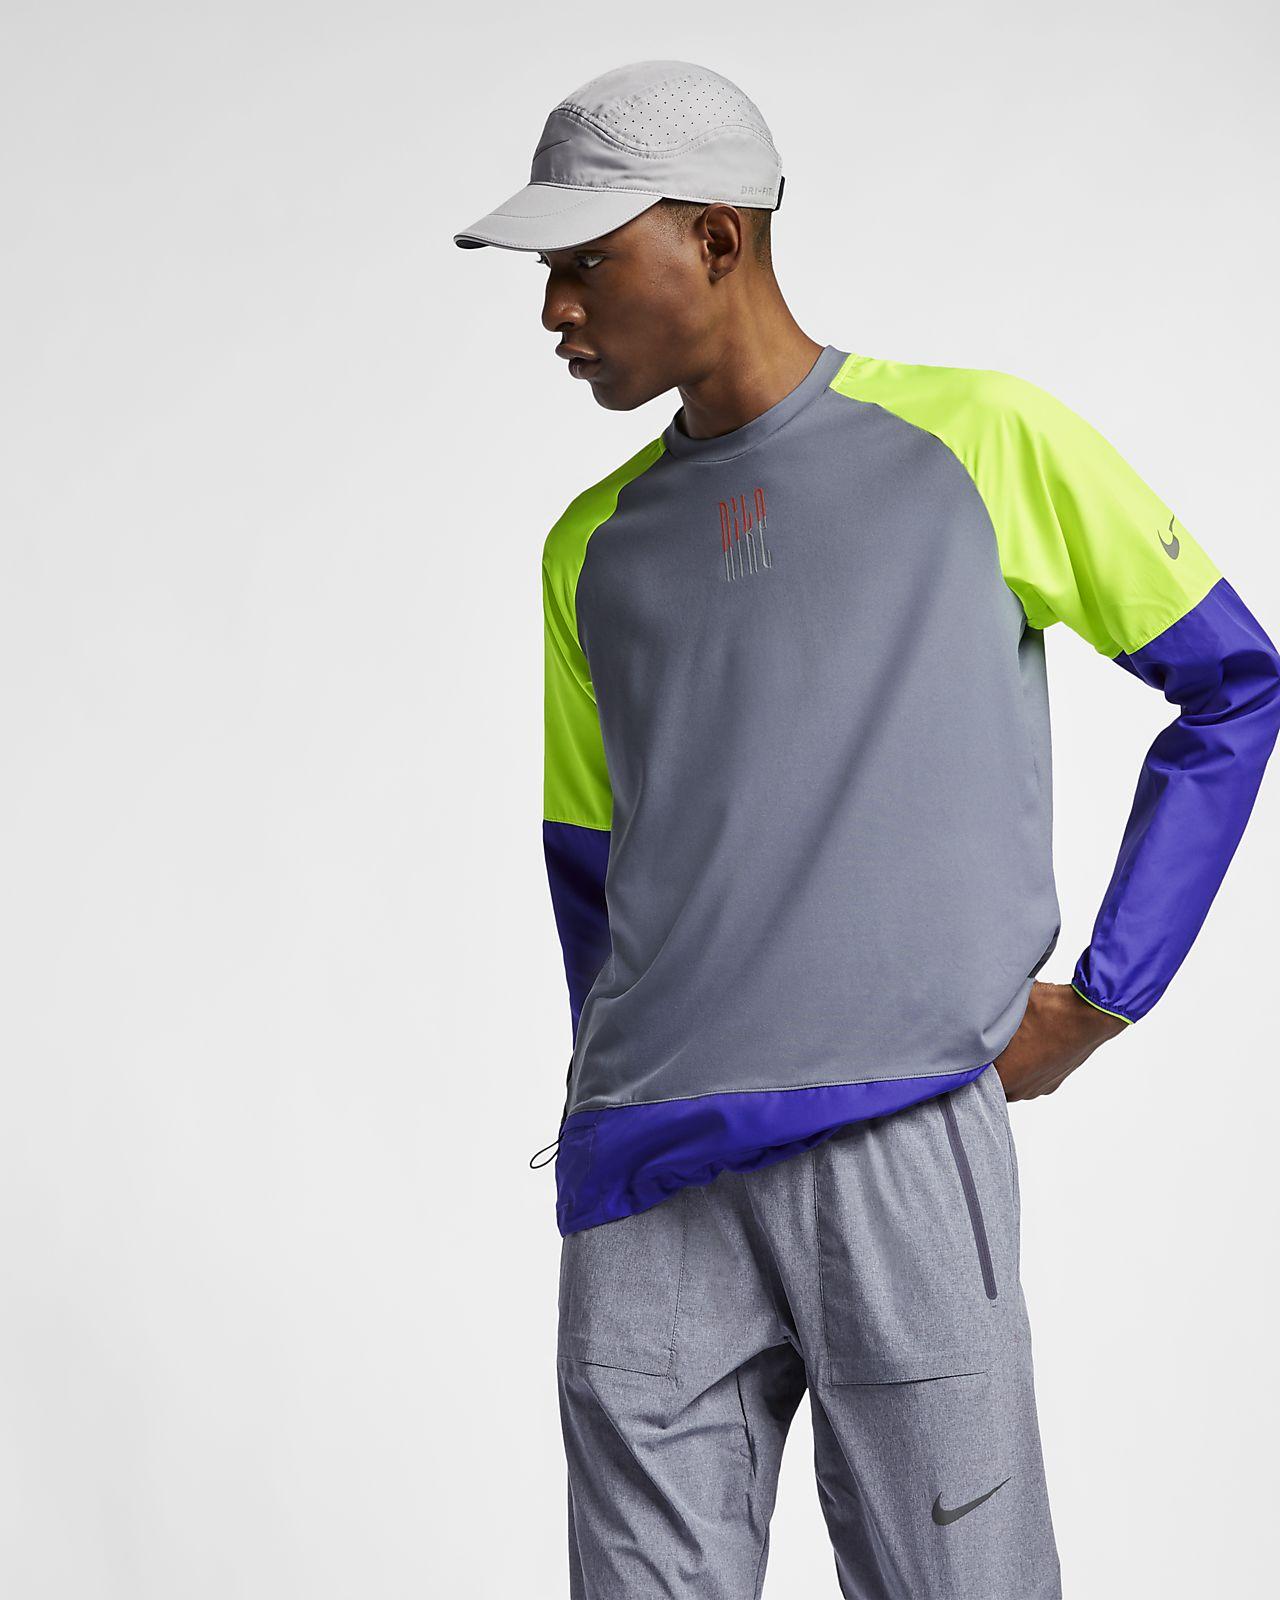 758d1e57ea75 ... online store f5ee9 00b4a Nike langermet løpetrøye til herre